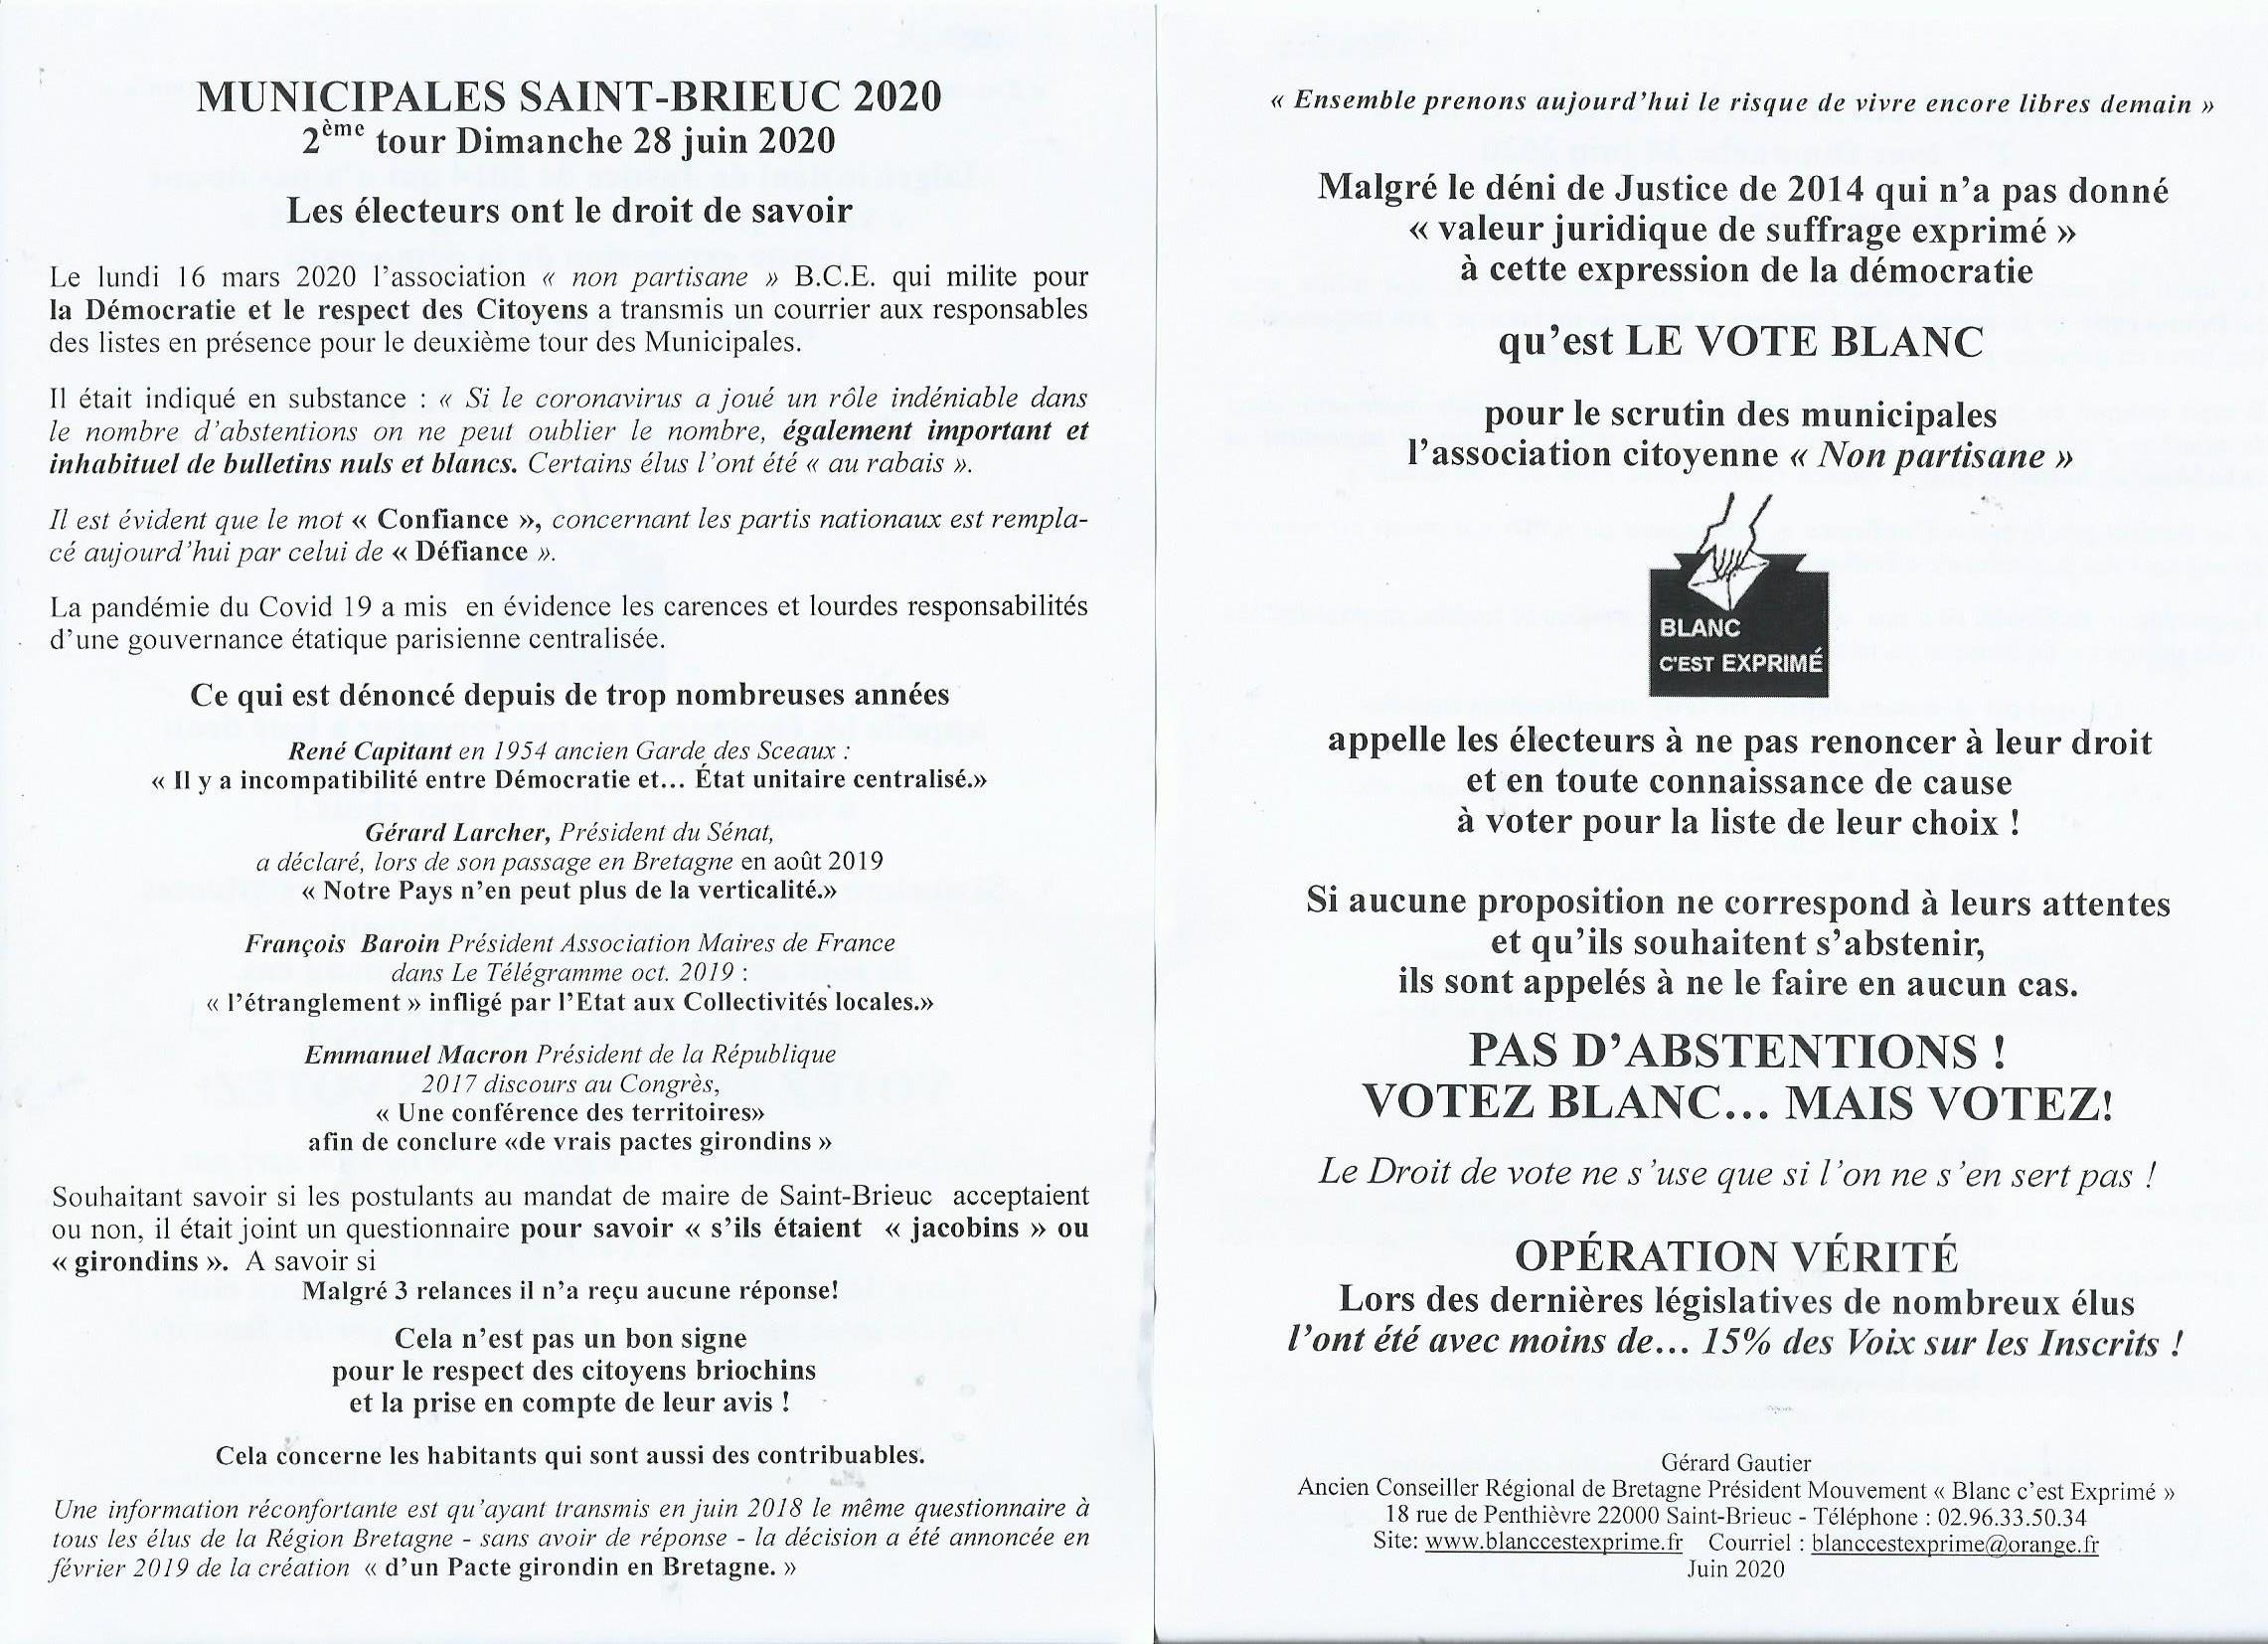 BCE Démocratie 2020 Muncipales Saint Brieuc Tour 2